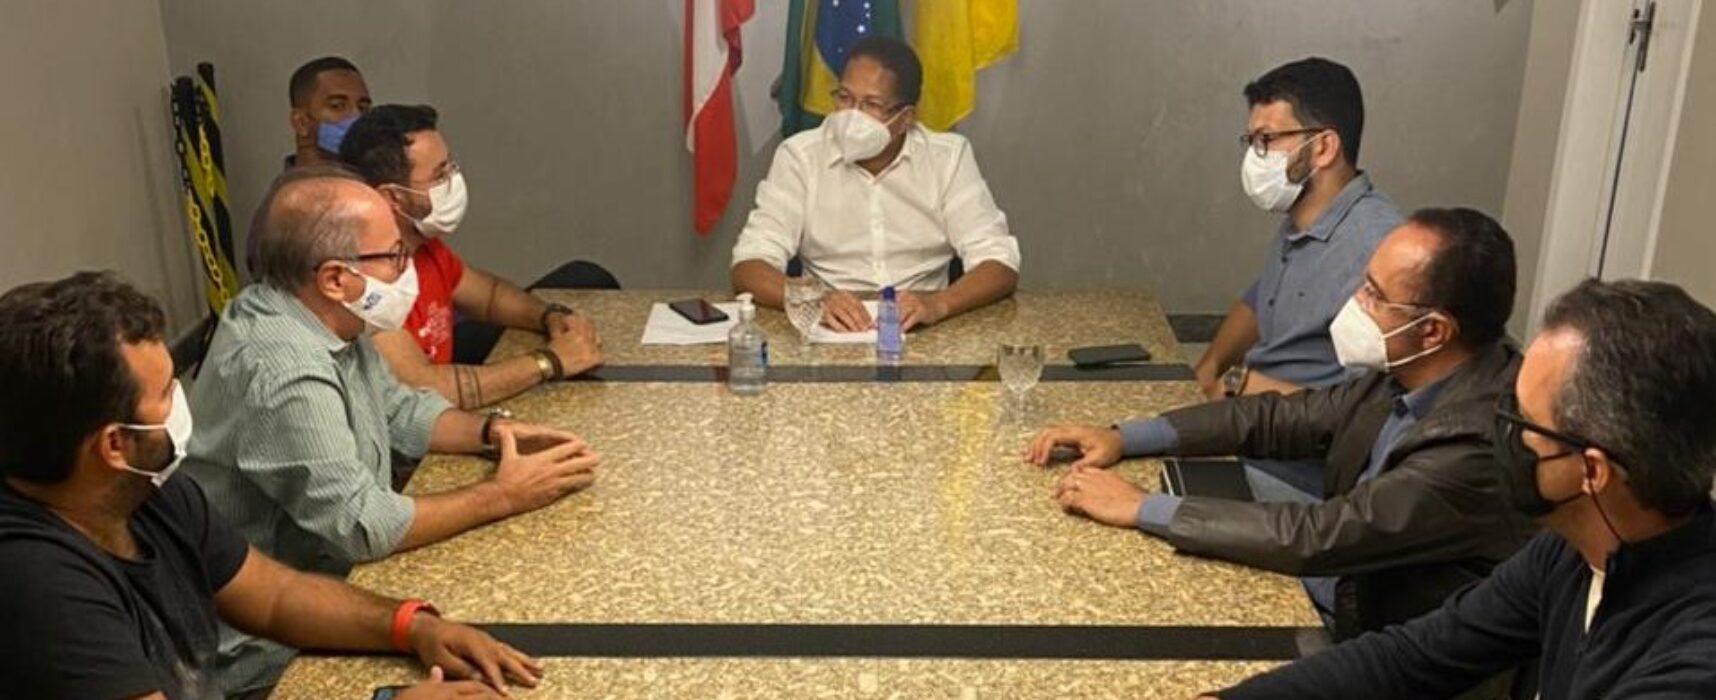 Empresários debatem sobre o fortalecimento do comércio com o prefeito de Itabuna